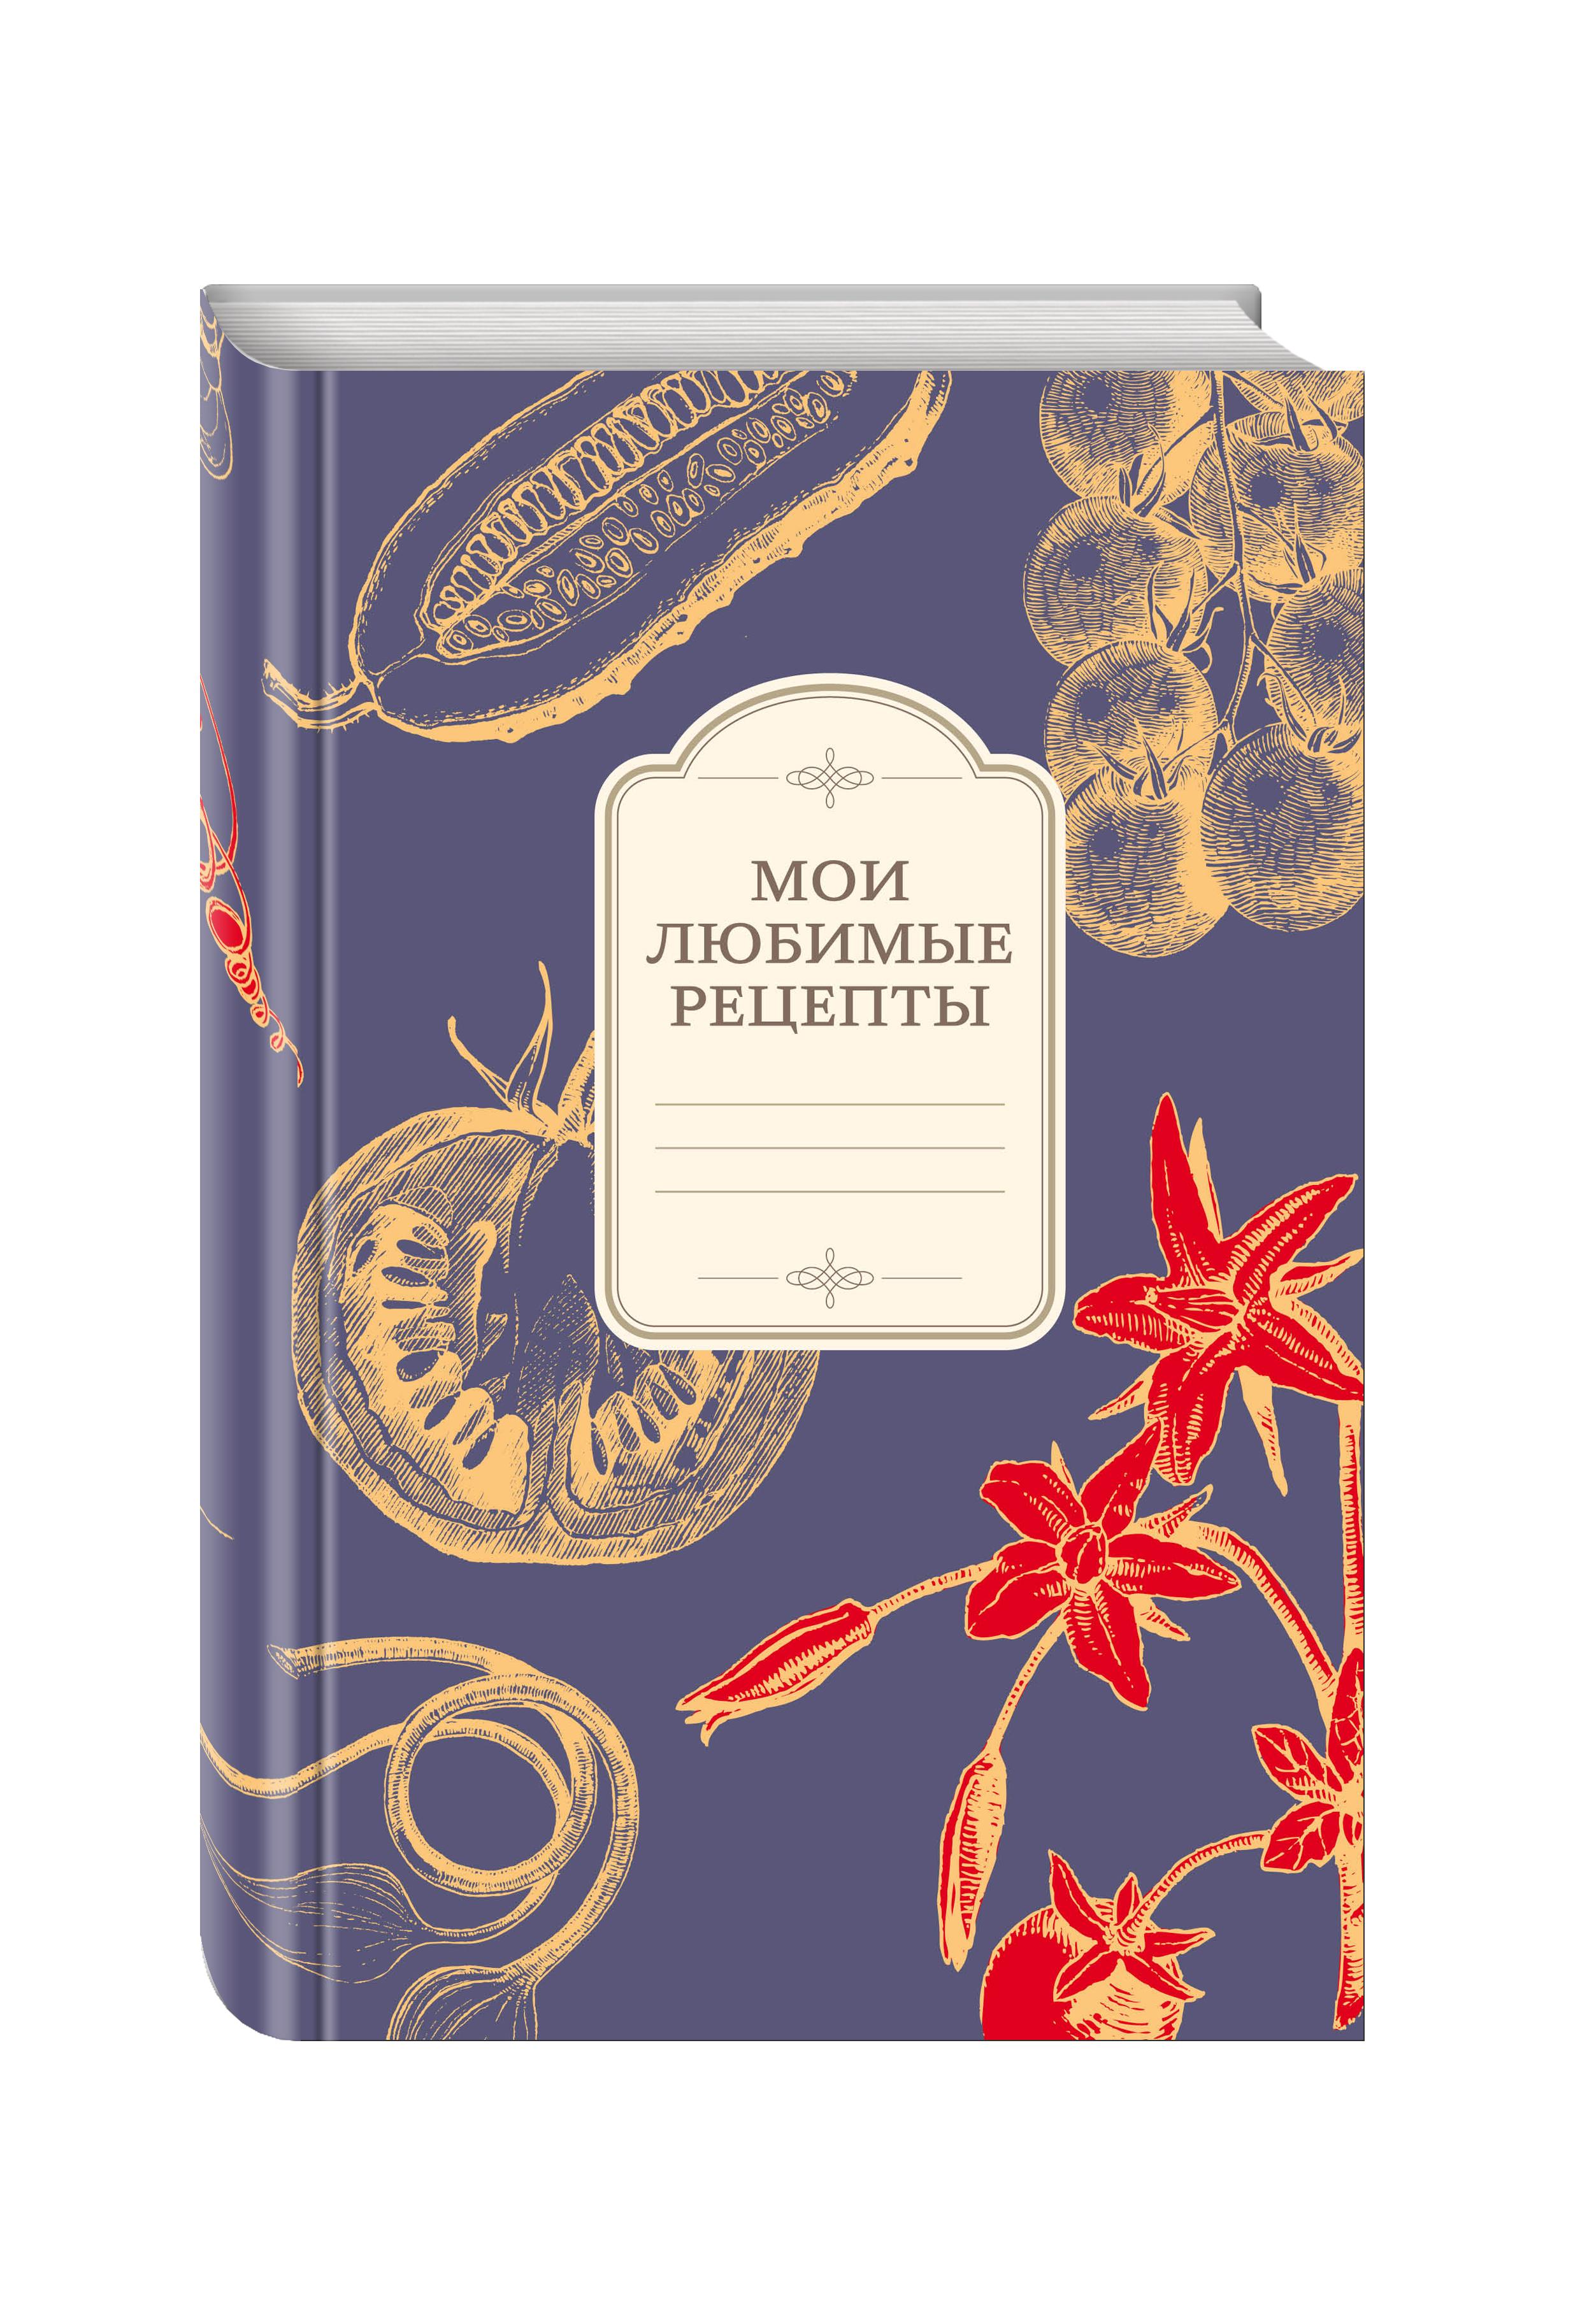 Мои любимые рецепты. Книга для записи рецептов (а5_овощи_сиреневый фон) отсутствует книга для записи рецептов